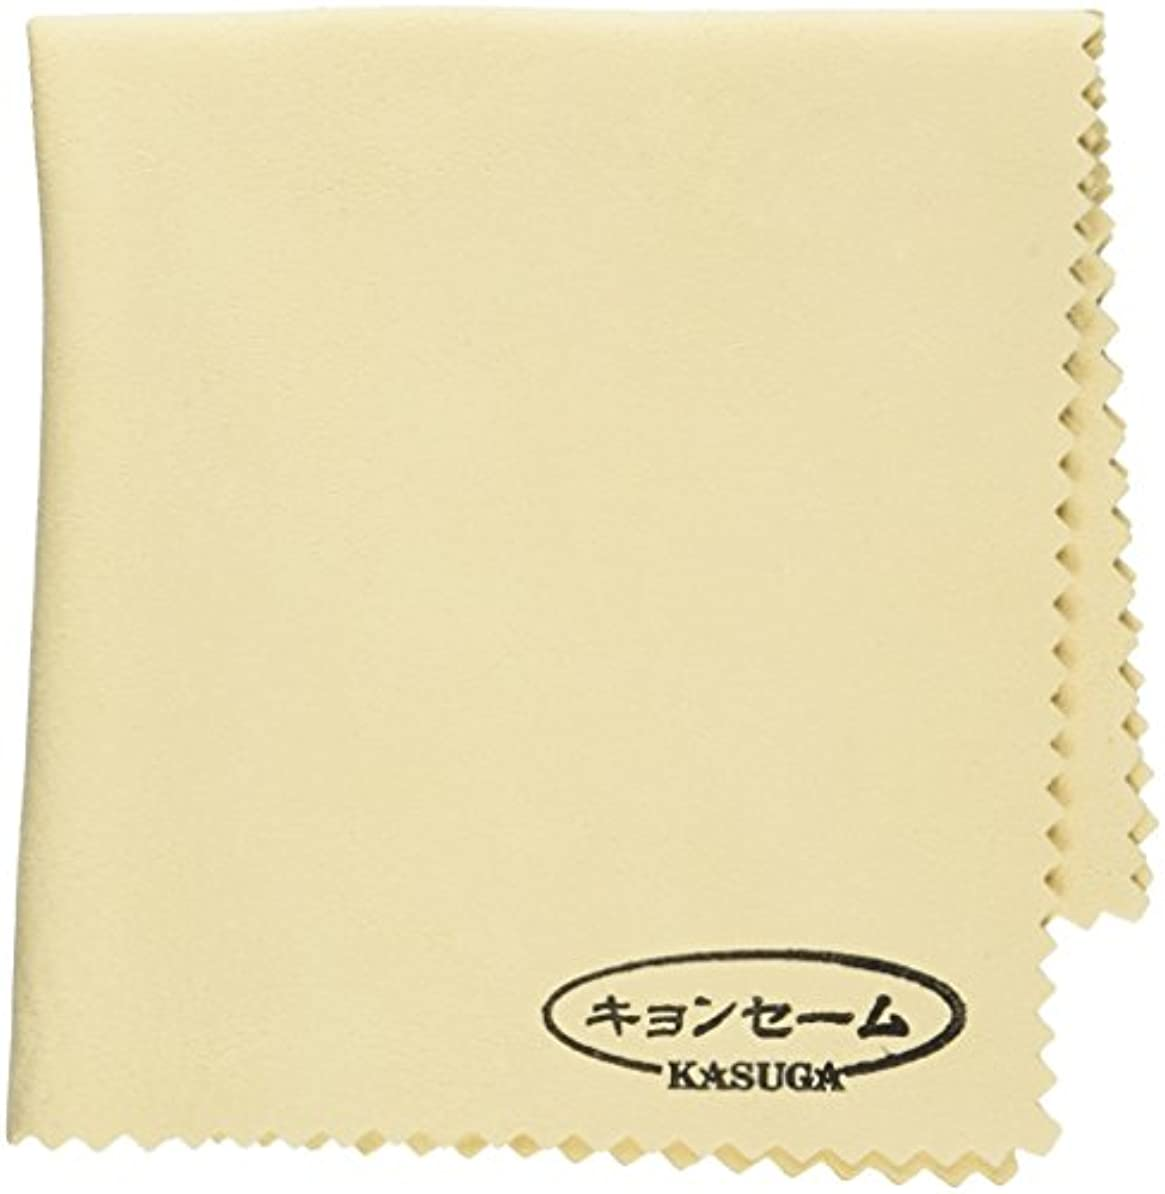 エキサイティング第四ルーム春日 スキンケア用キョンセーム 20×20cm